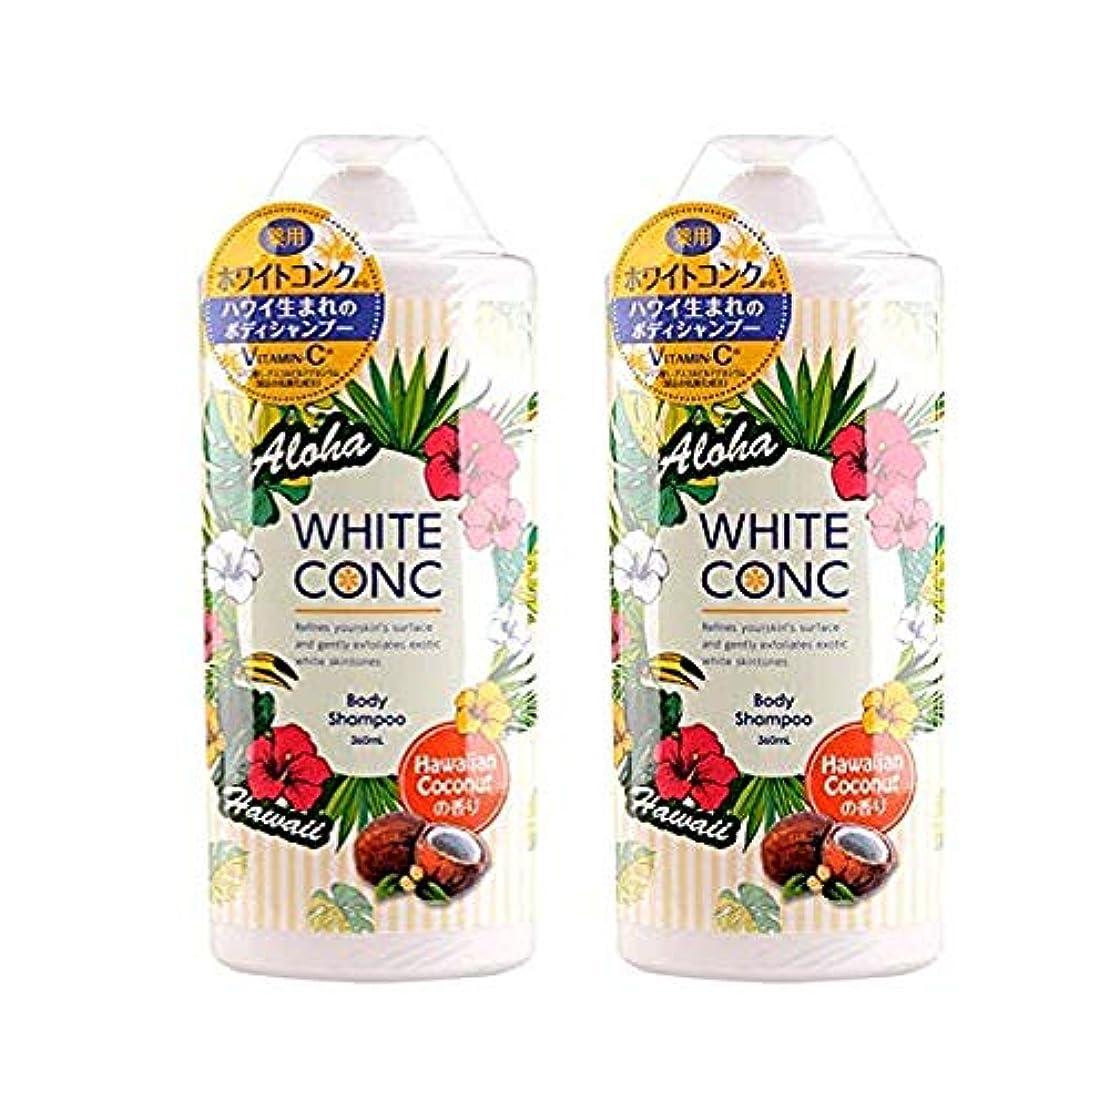 削減閉塞うつ薬用ホワイトコンク ボディシャンプー ハワイ(医薬部外品) 2本セット